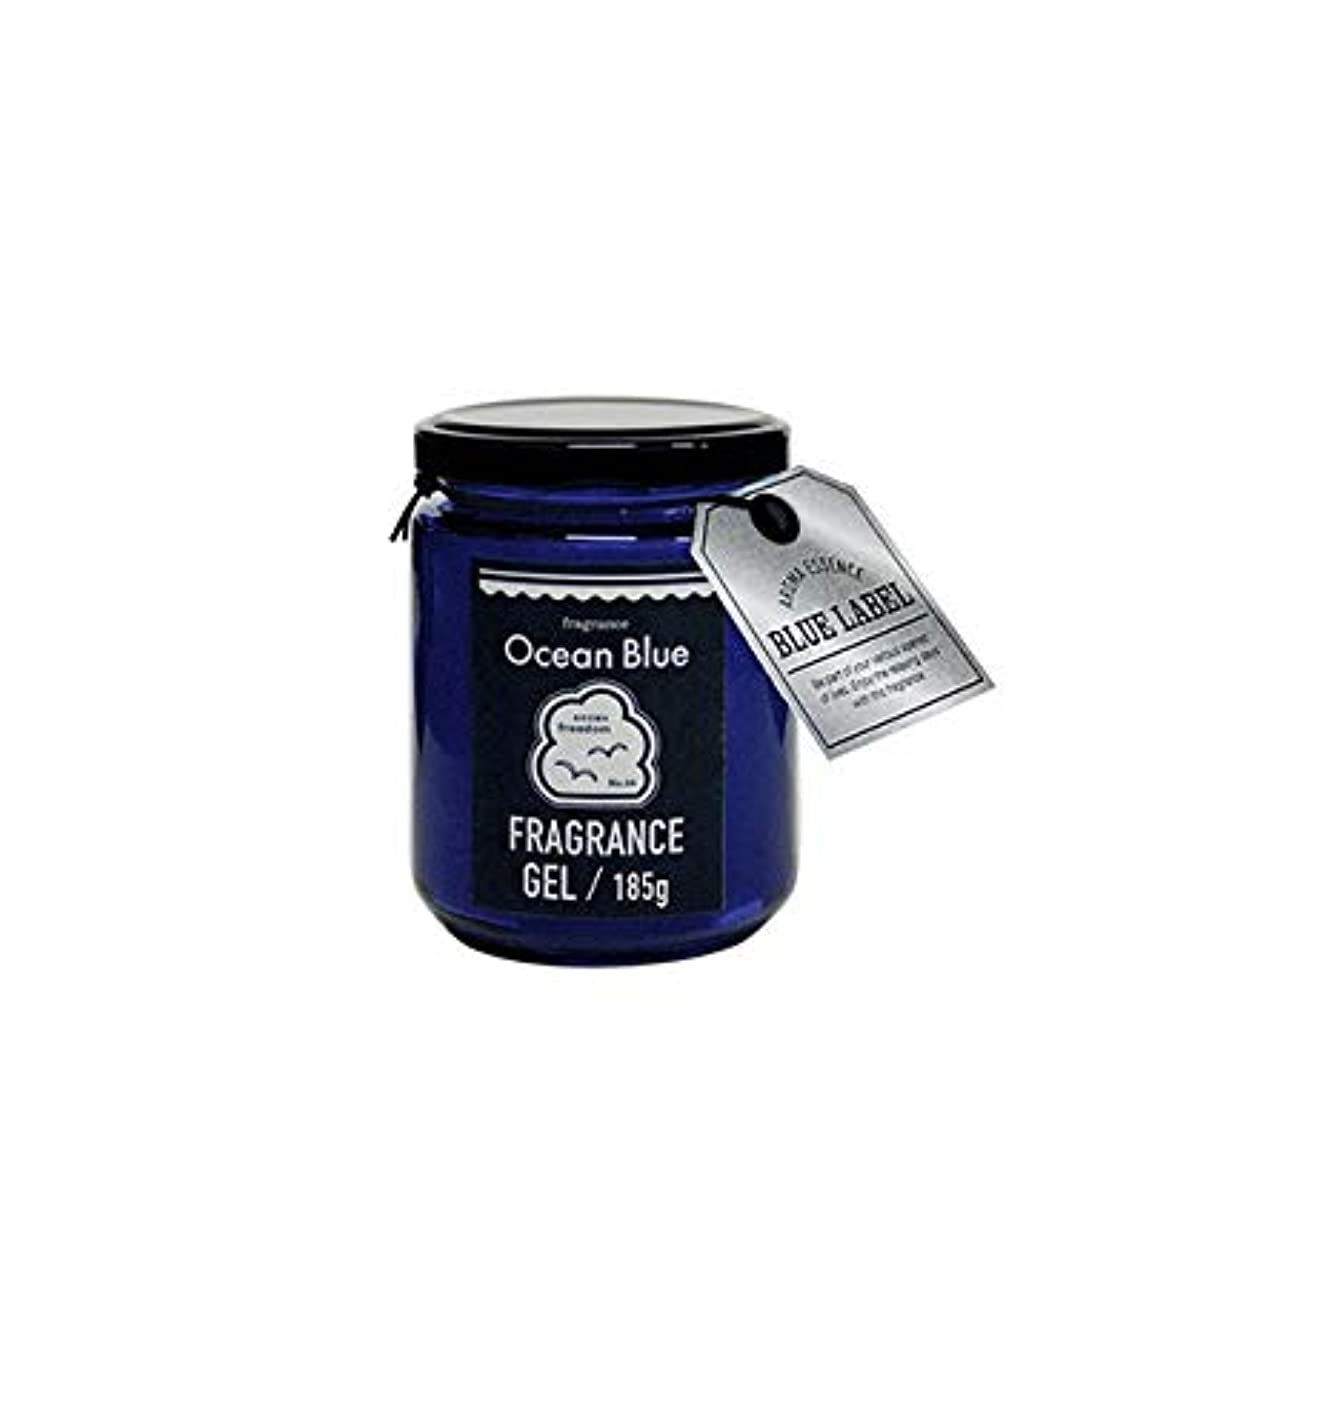 下着挽く分類するブルーラベル ブルー フレグランスジェル185g オーシャンブルー(ルームフレグランス 約1-2ヶ月 海の爽快な香り)